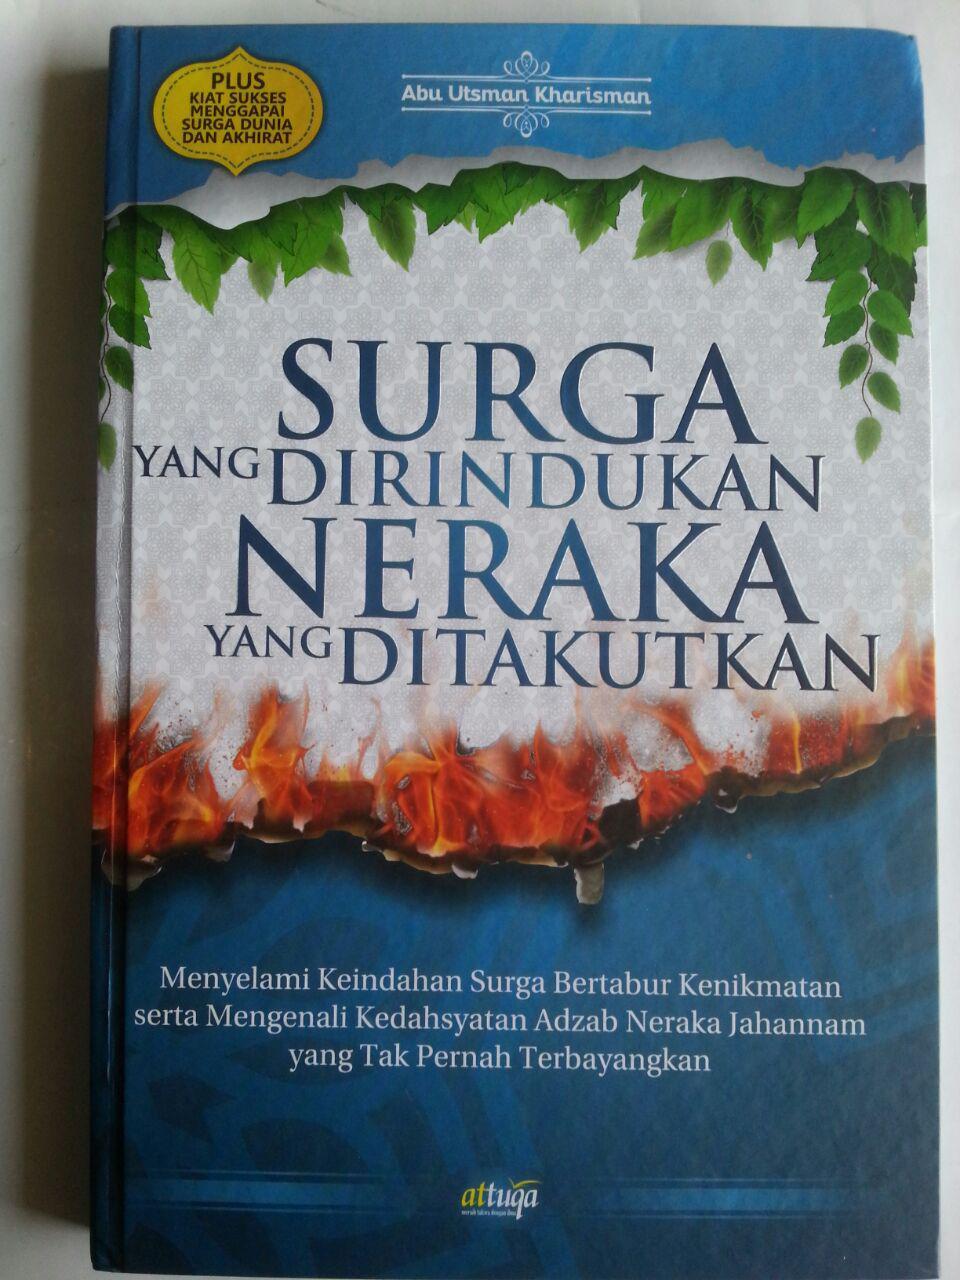 Buku Surga Yang Dirindukan Neraka Yang Ditakutkan cover 2